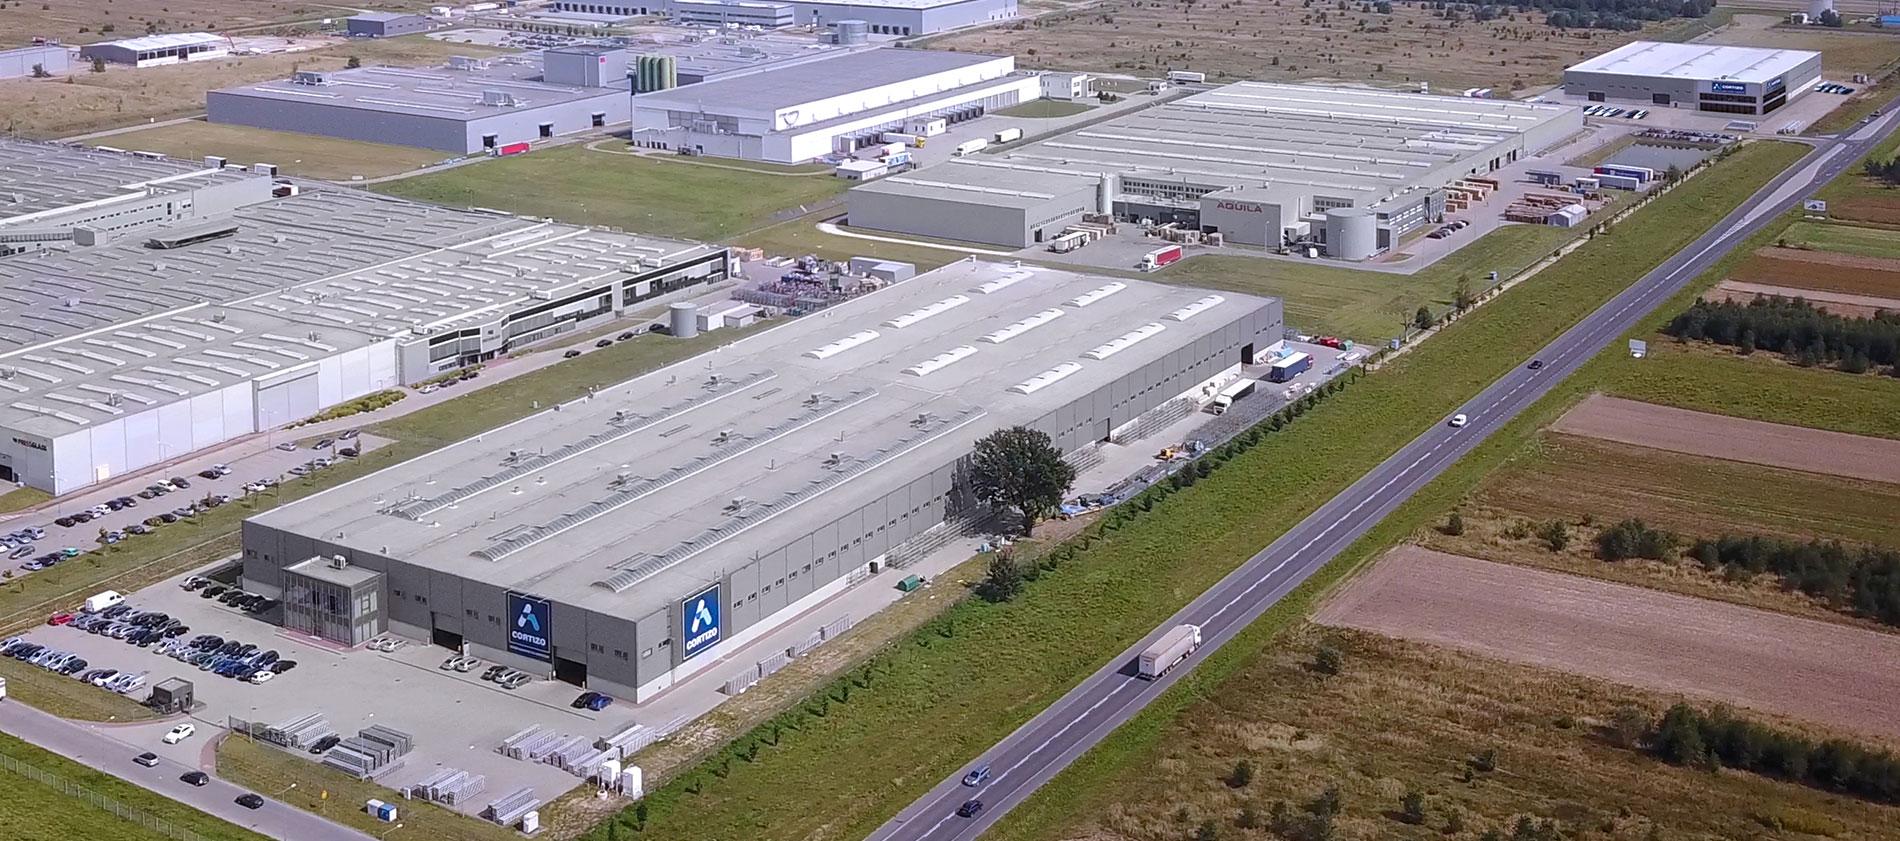 CORTIZO POLONIACAPACITA' PRODUTTIVA14.500 Tm/anno» 2 Presse d' Estrusione» Impianto di verniciatura» Impianto d'ossidazione» Centro di lavorazione meccanica» Superficie 29.000 m²